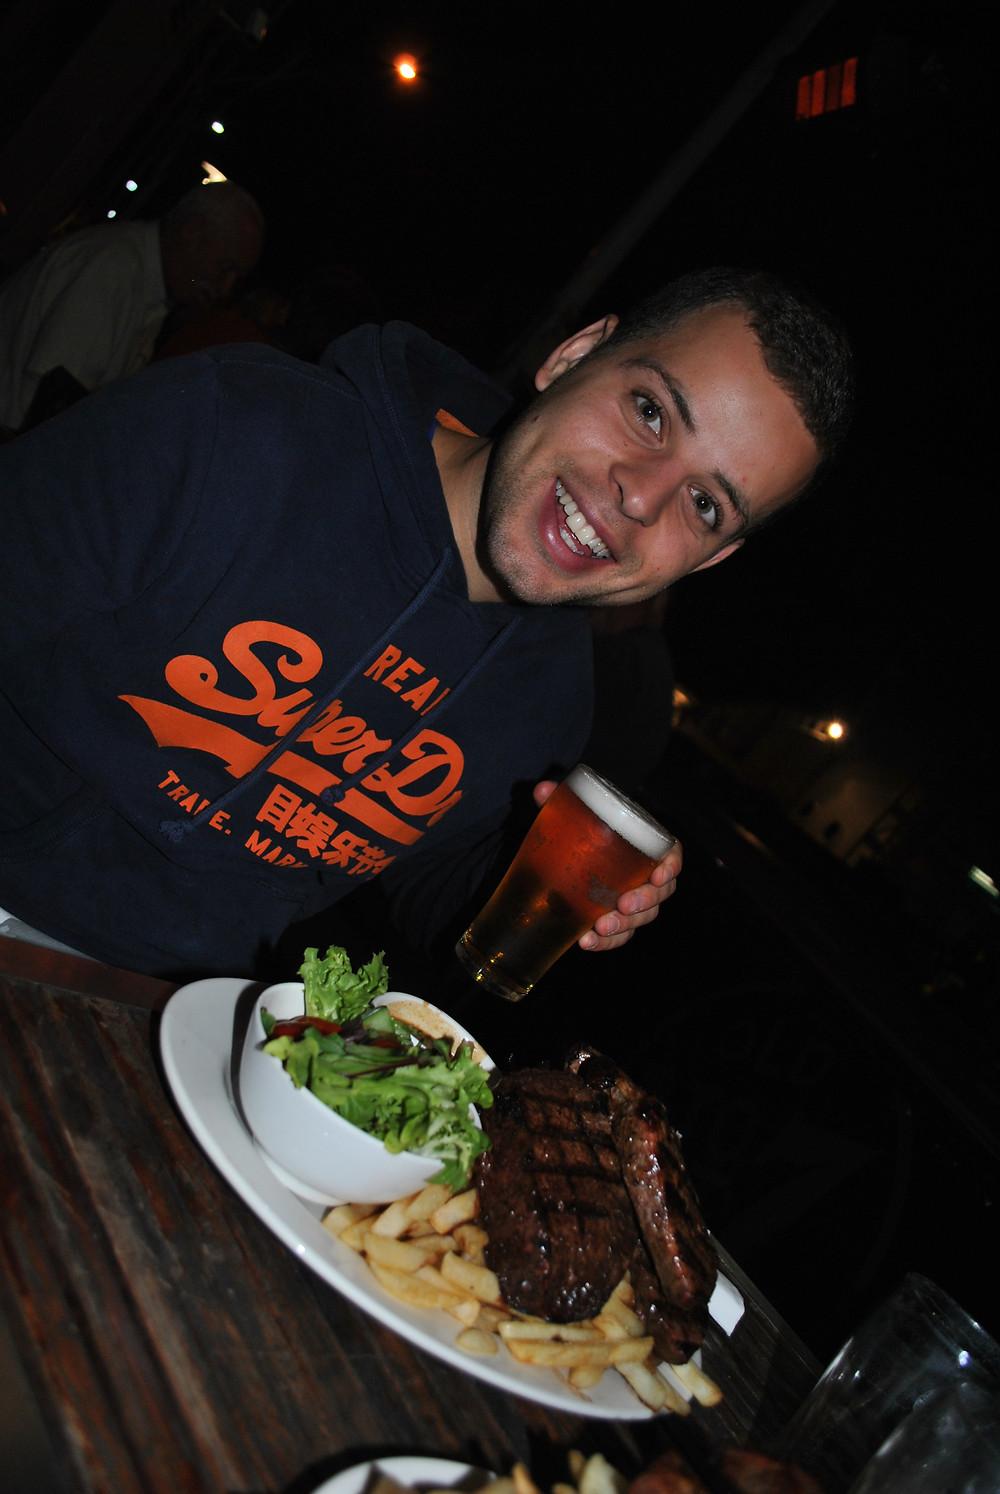 1kg steak!